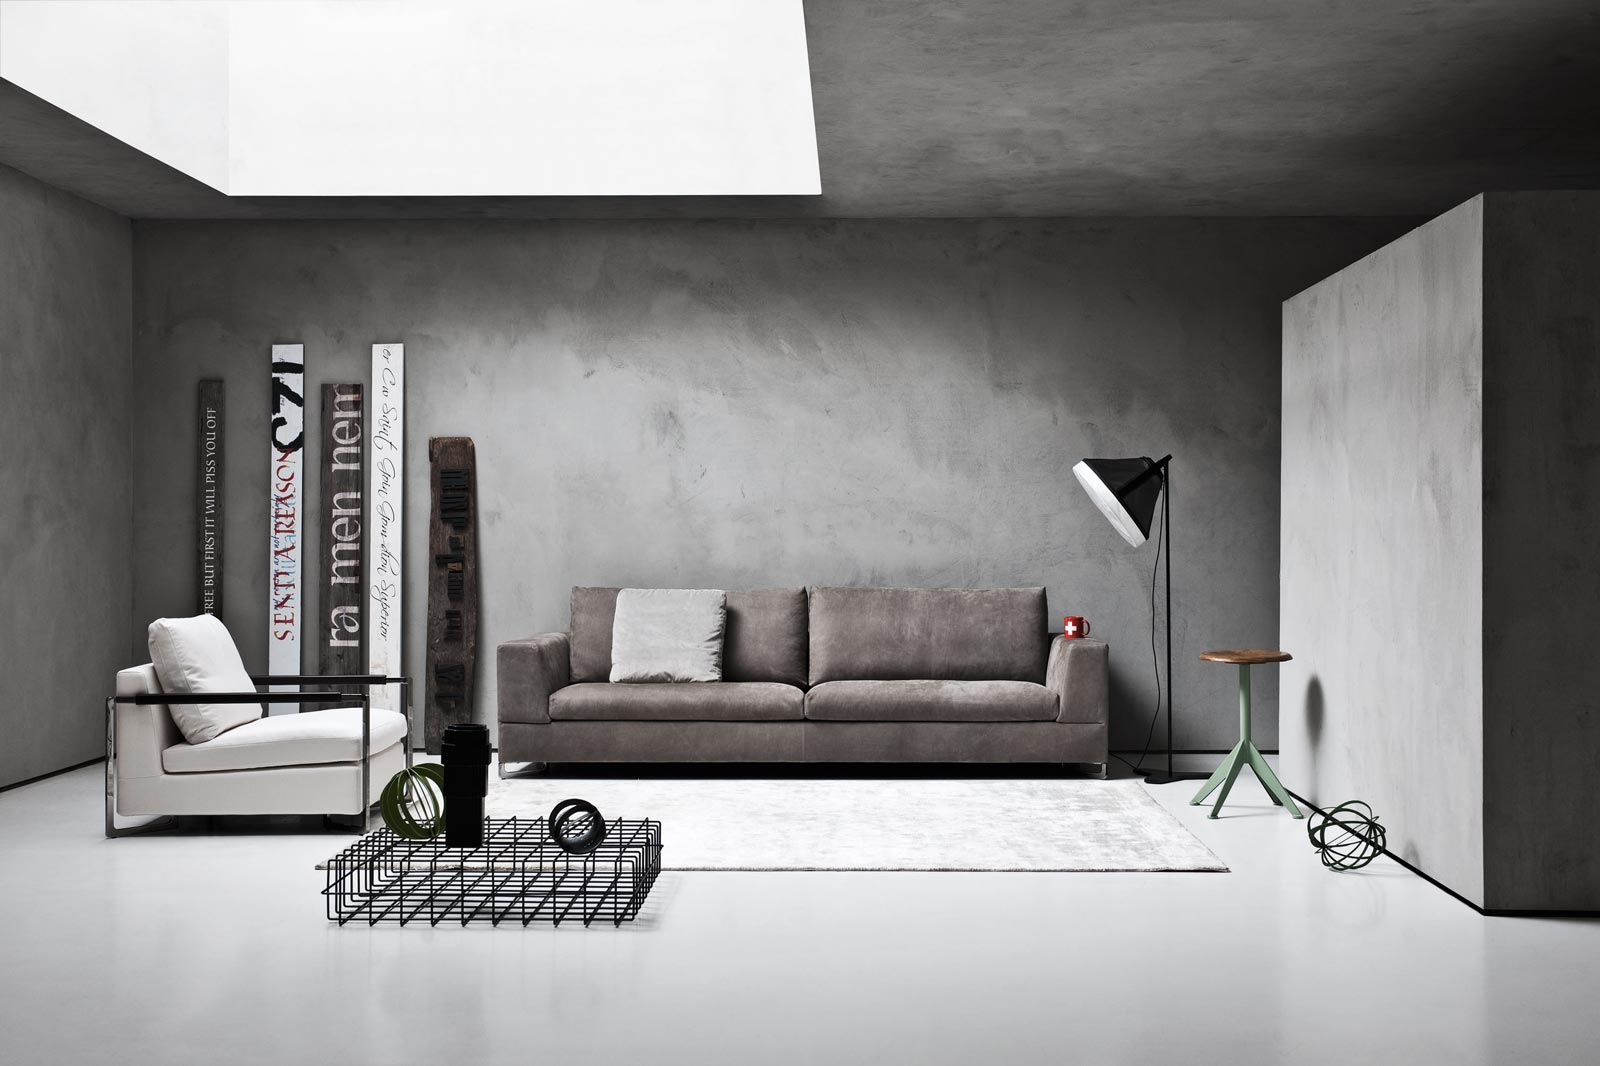 Le nostre migliori proposte per Interior Design Boffalora Milano Boffalora Milano